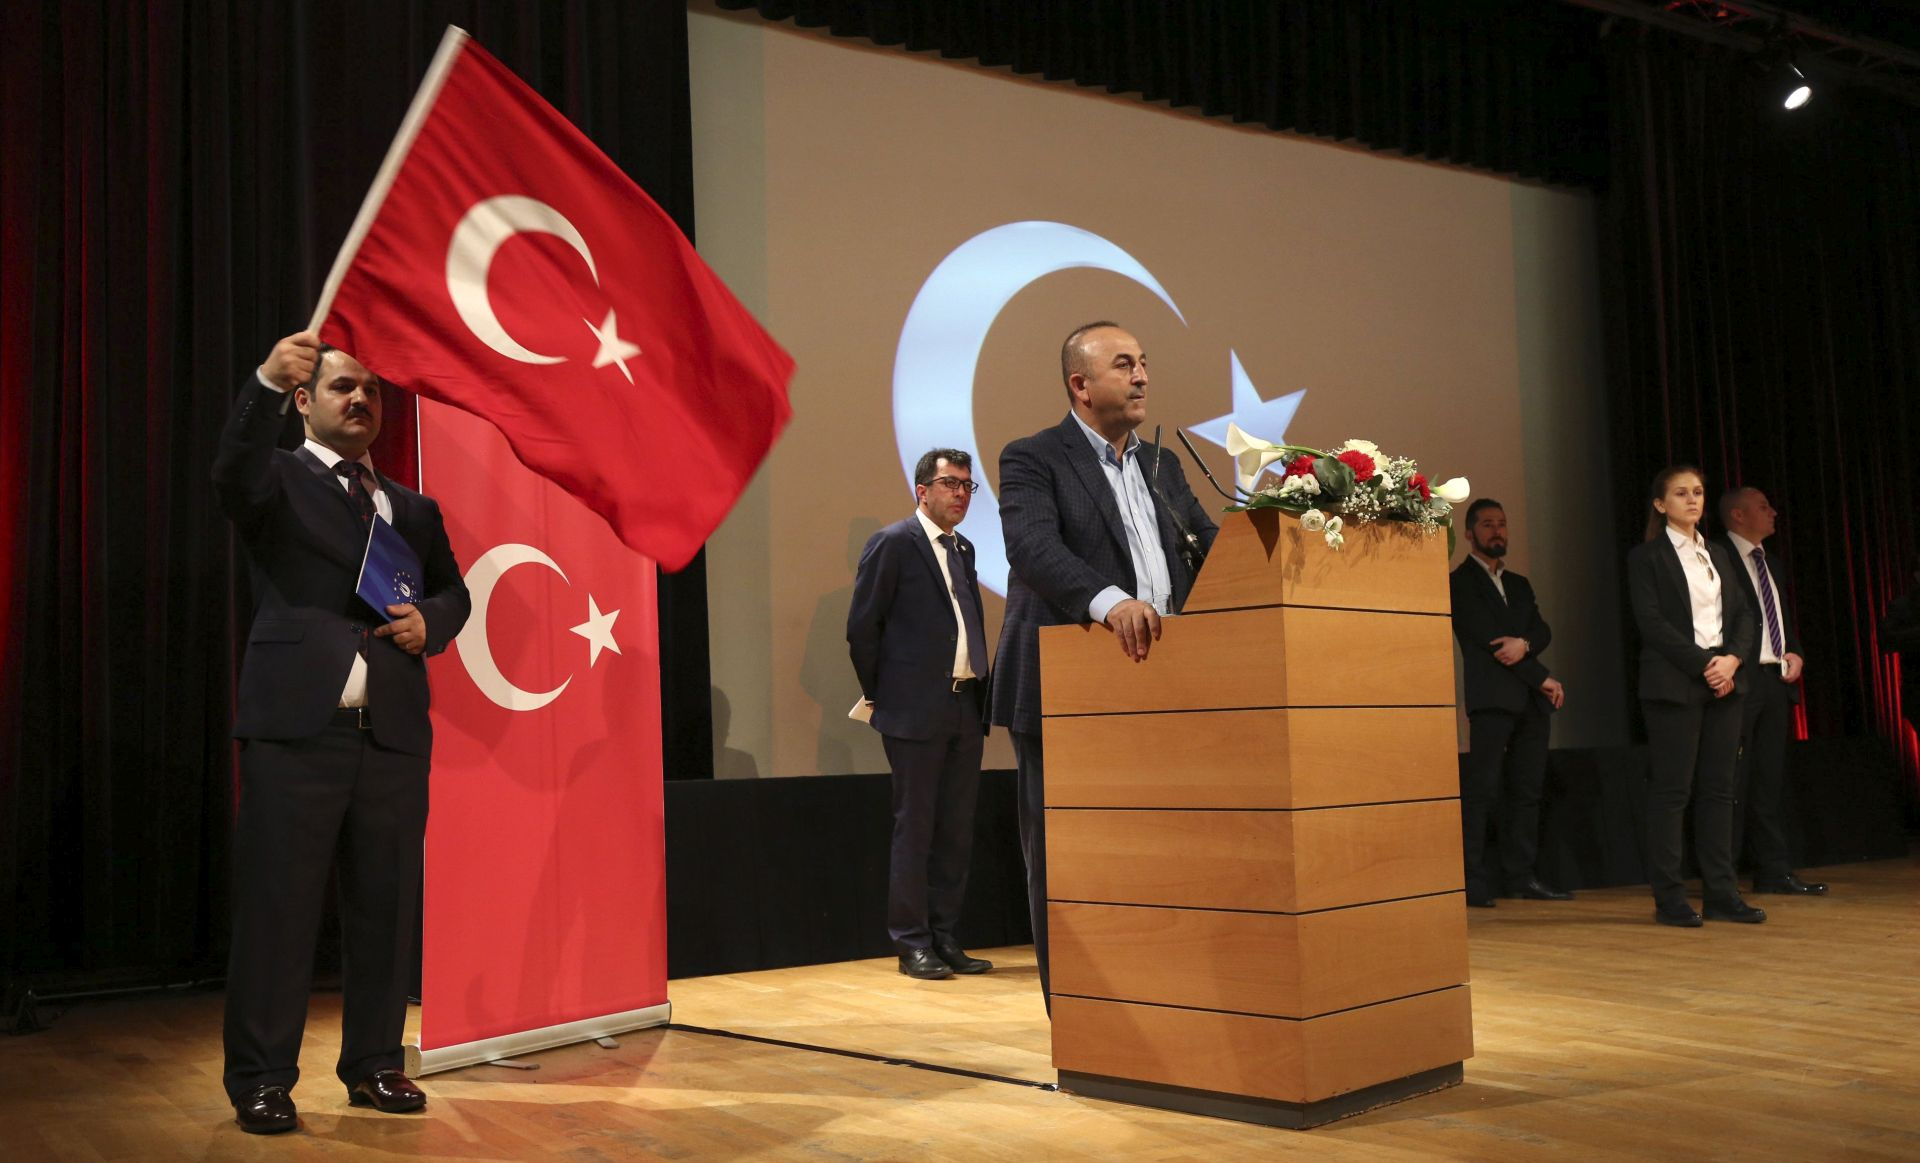 Turska službeno prijeti raskidom ugovora s EU-om o migrantima